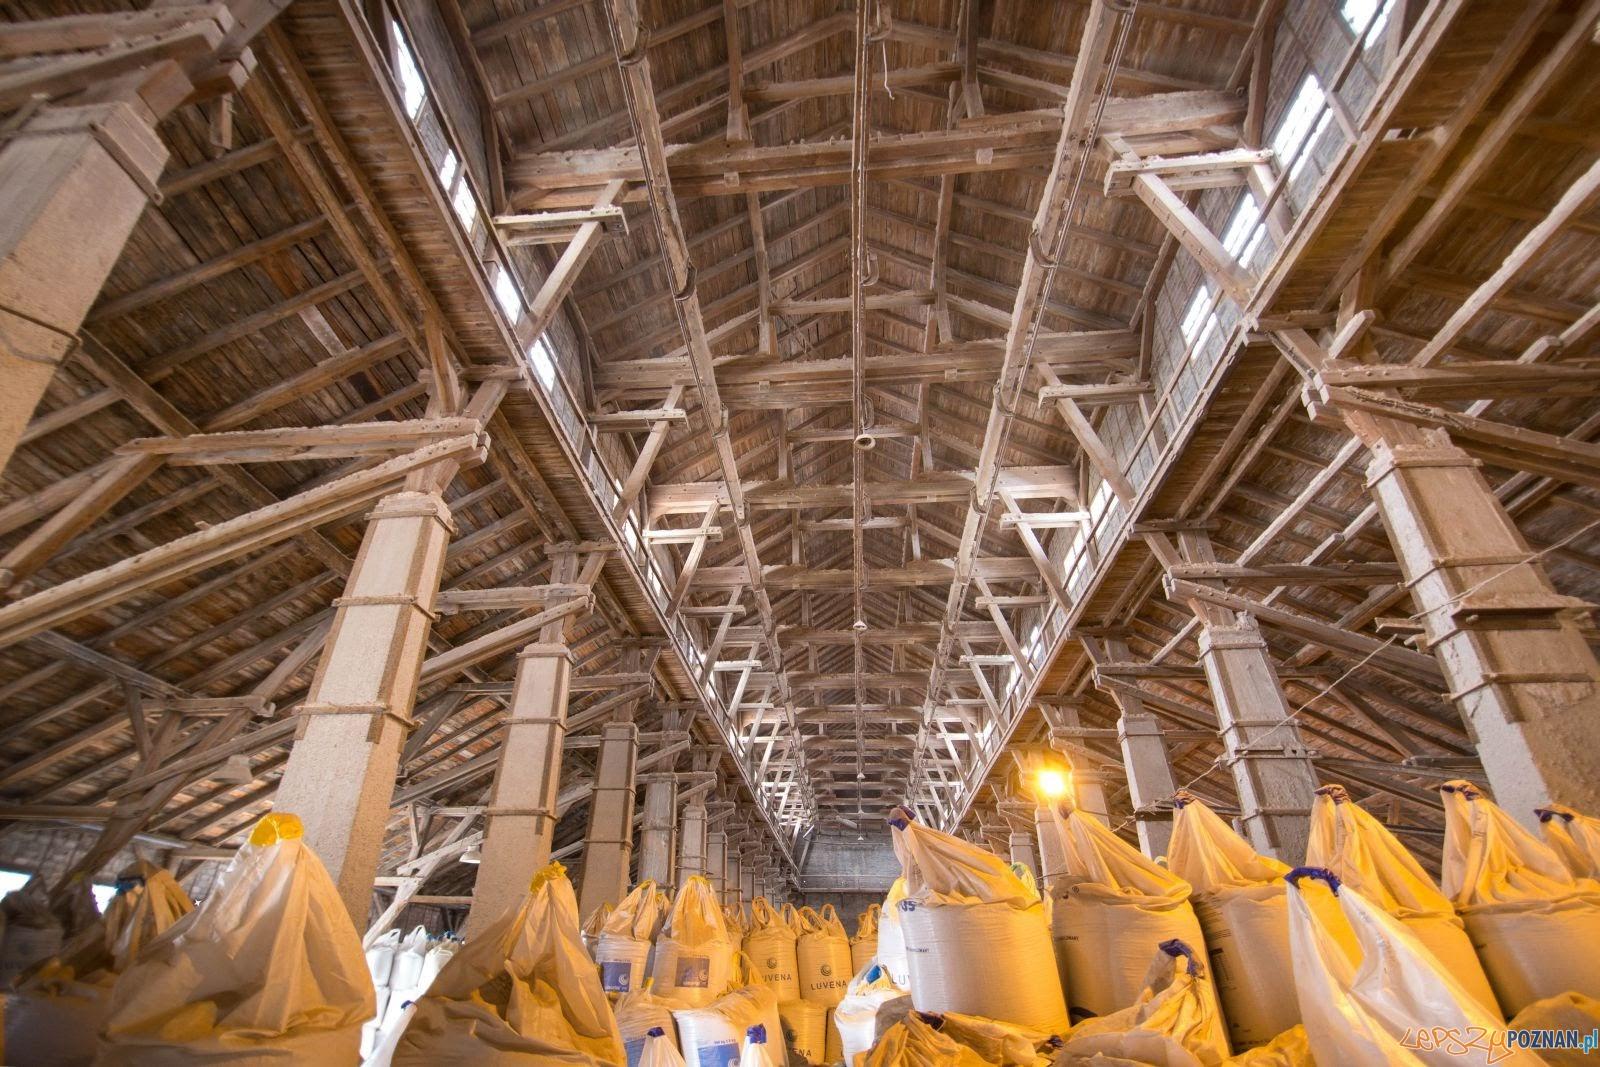 Luboński Szlak przemyslowy